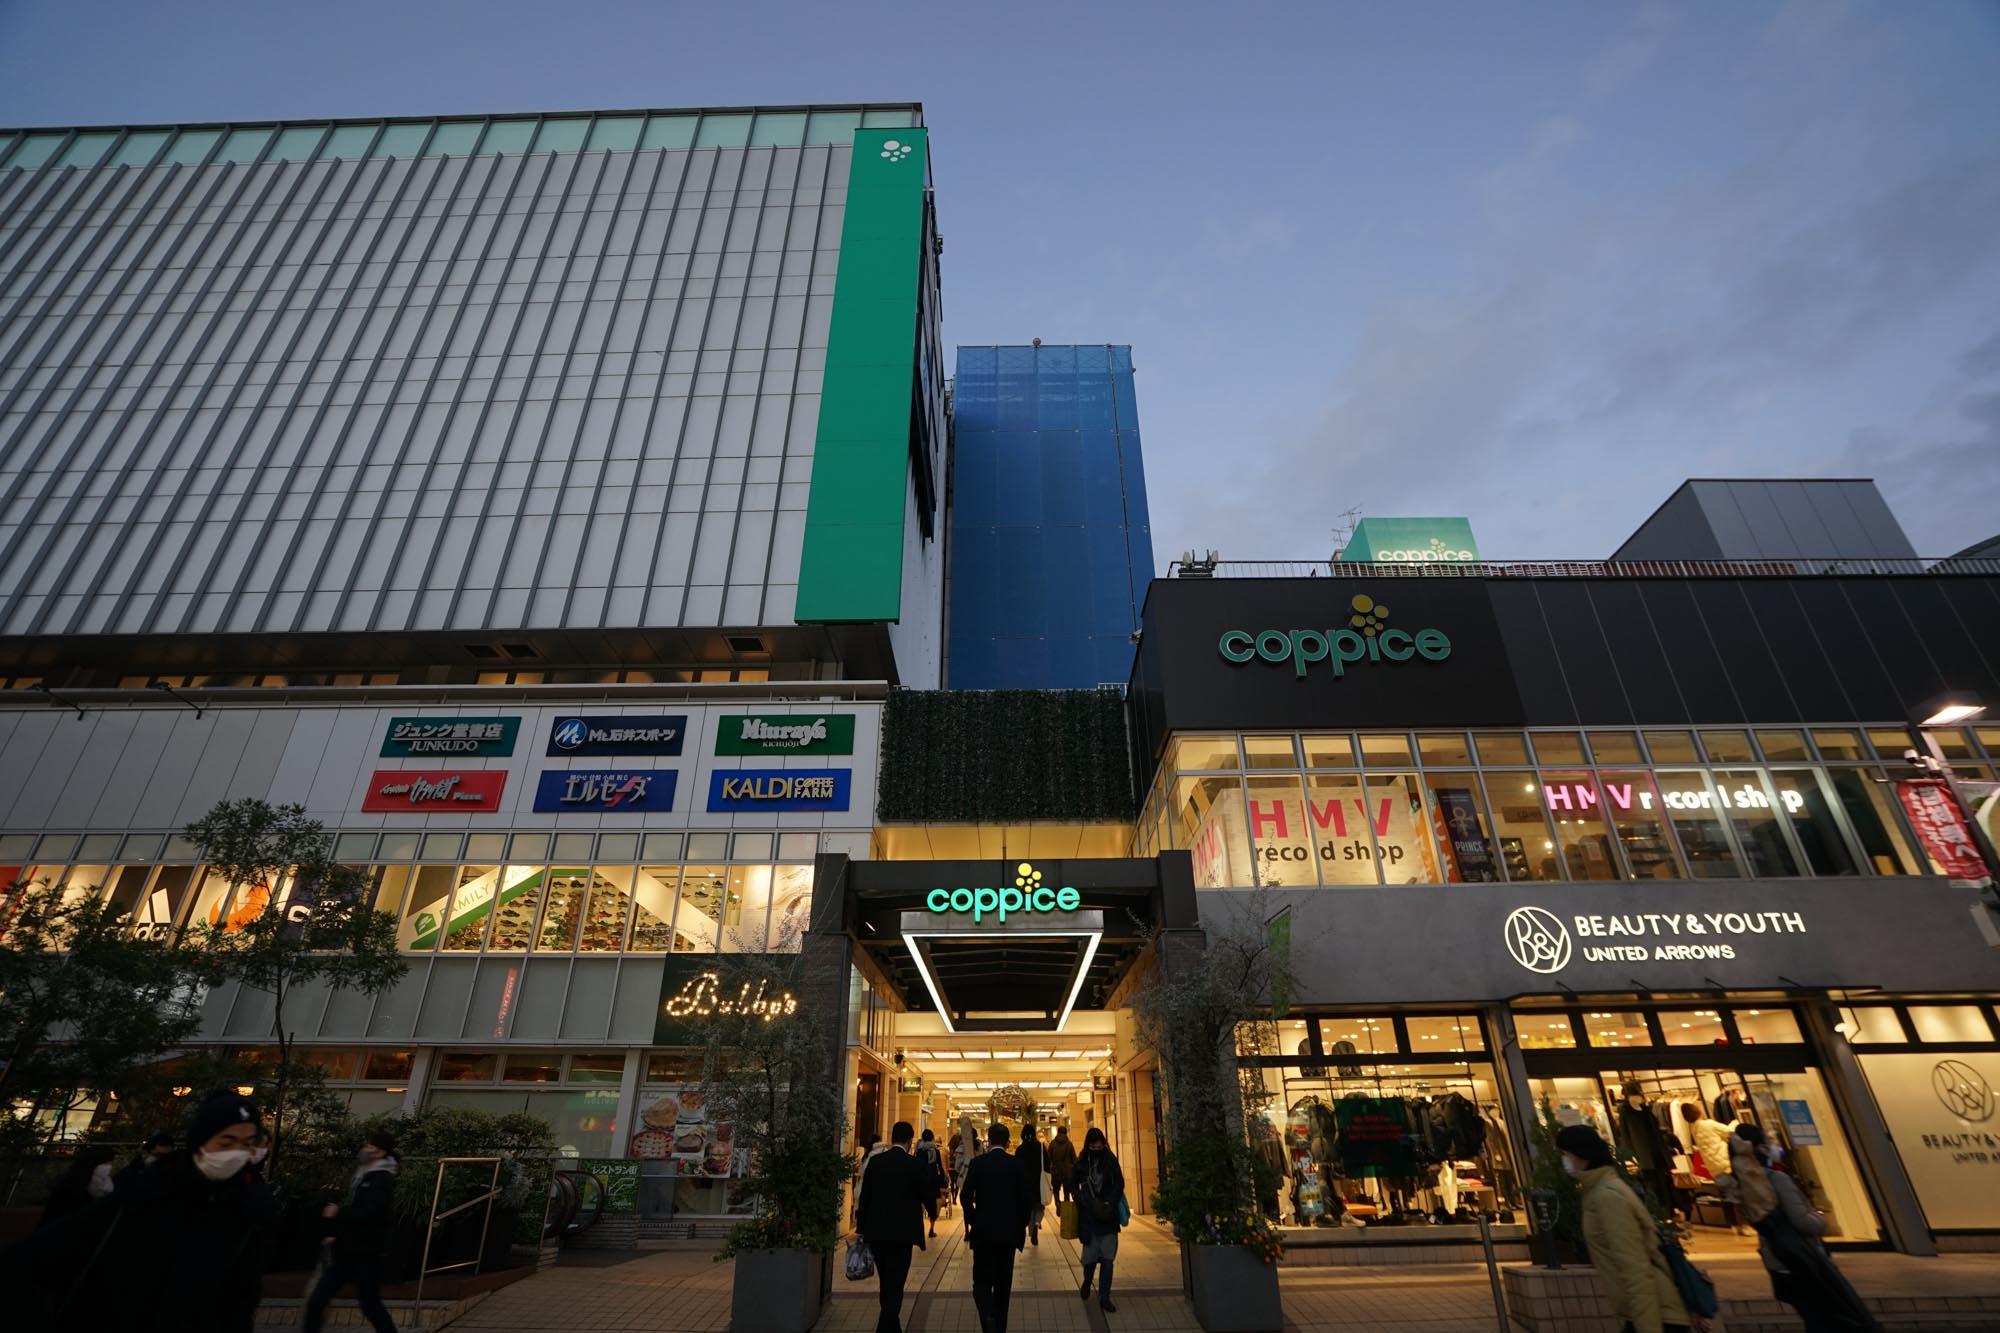 2010年にロフトやジュンク堂書店などが入る「コピス吉祥寺」がオープンし、ますます便利になった北側エリア。